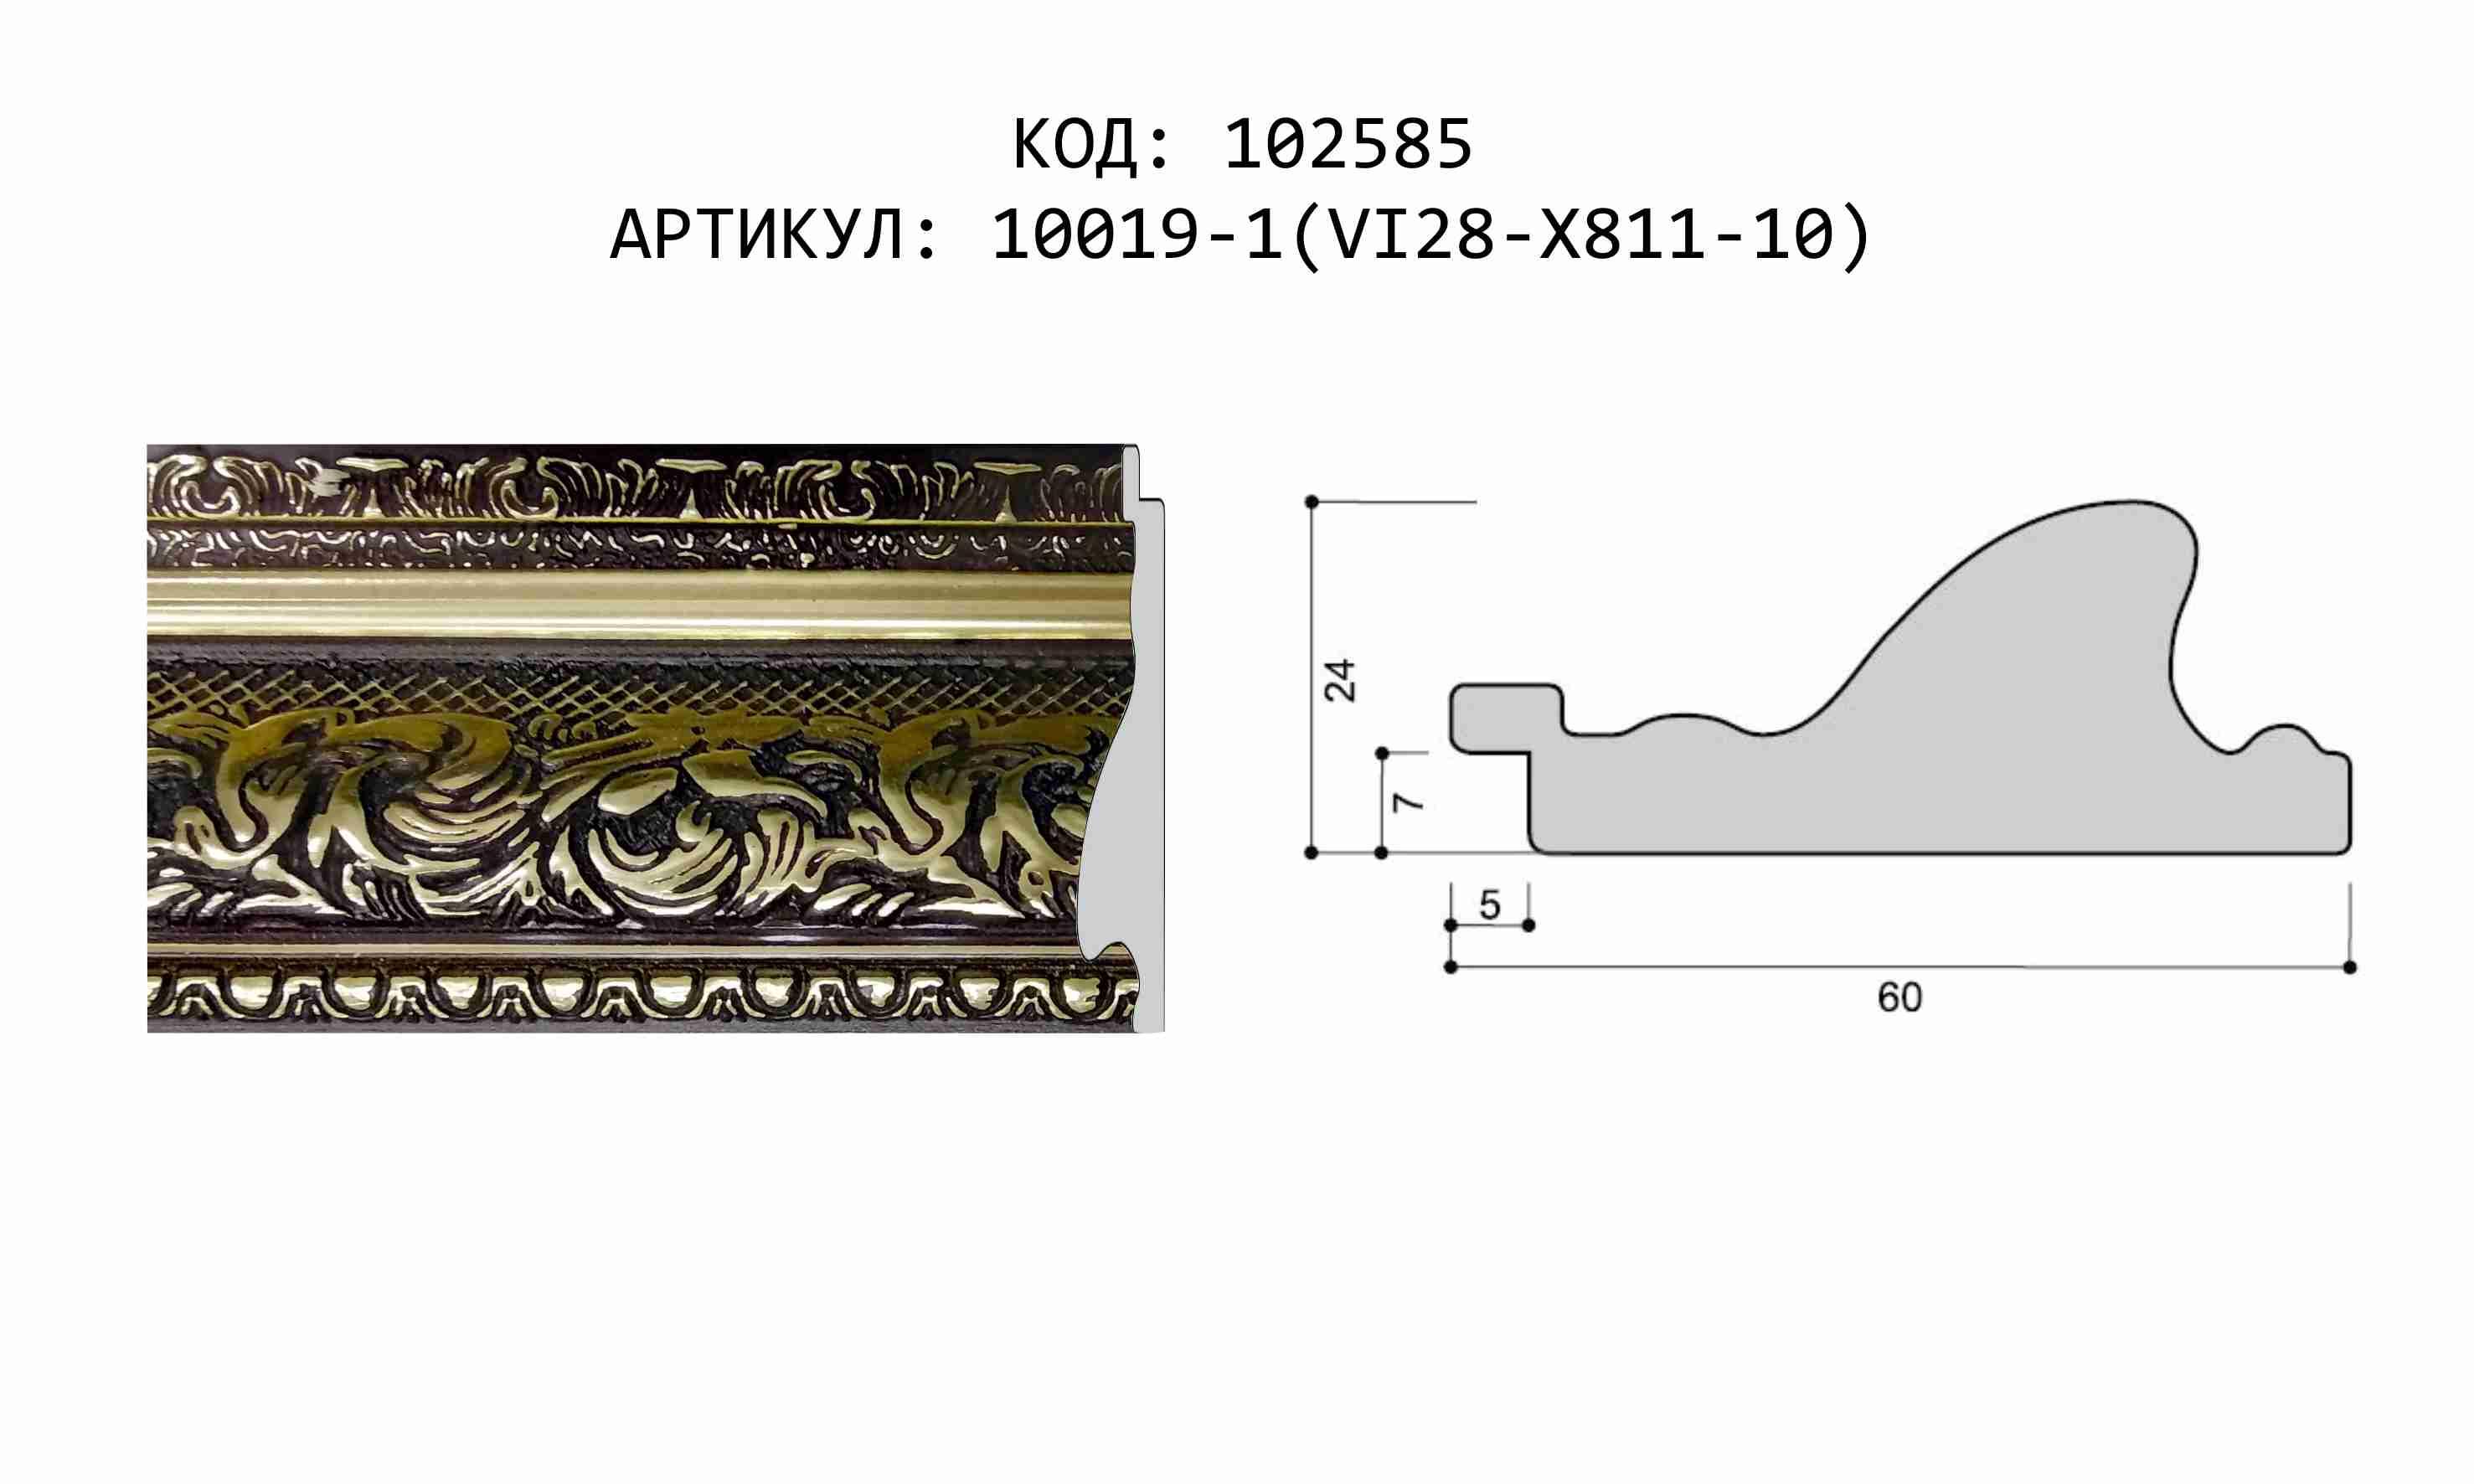 Артикул: 10019-1 (VI28-X811-10)